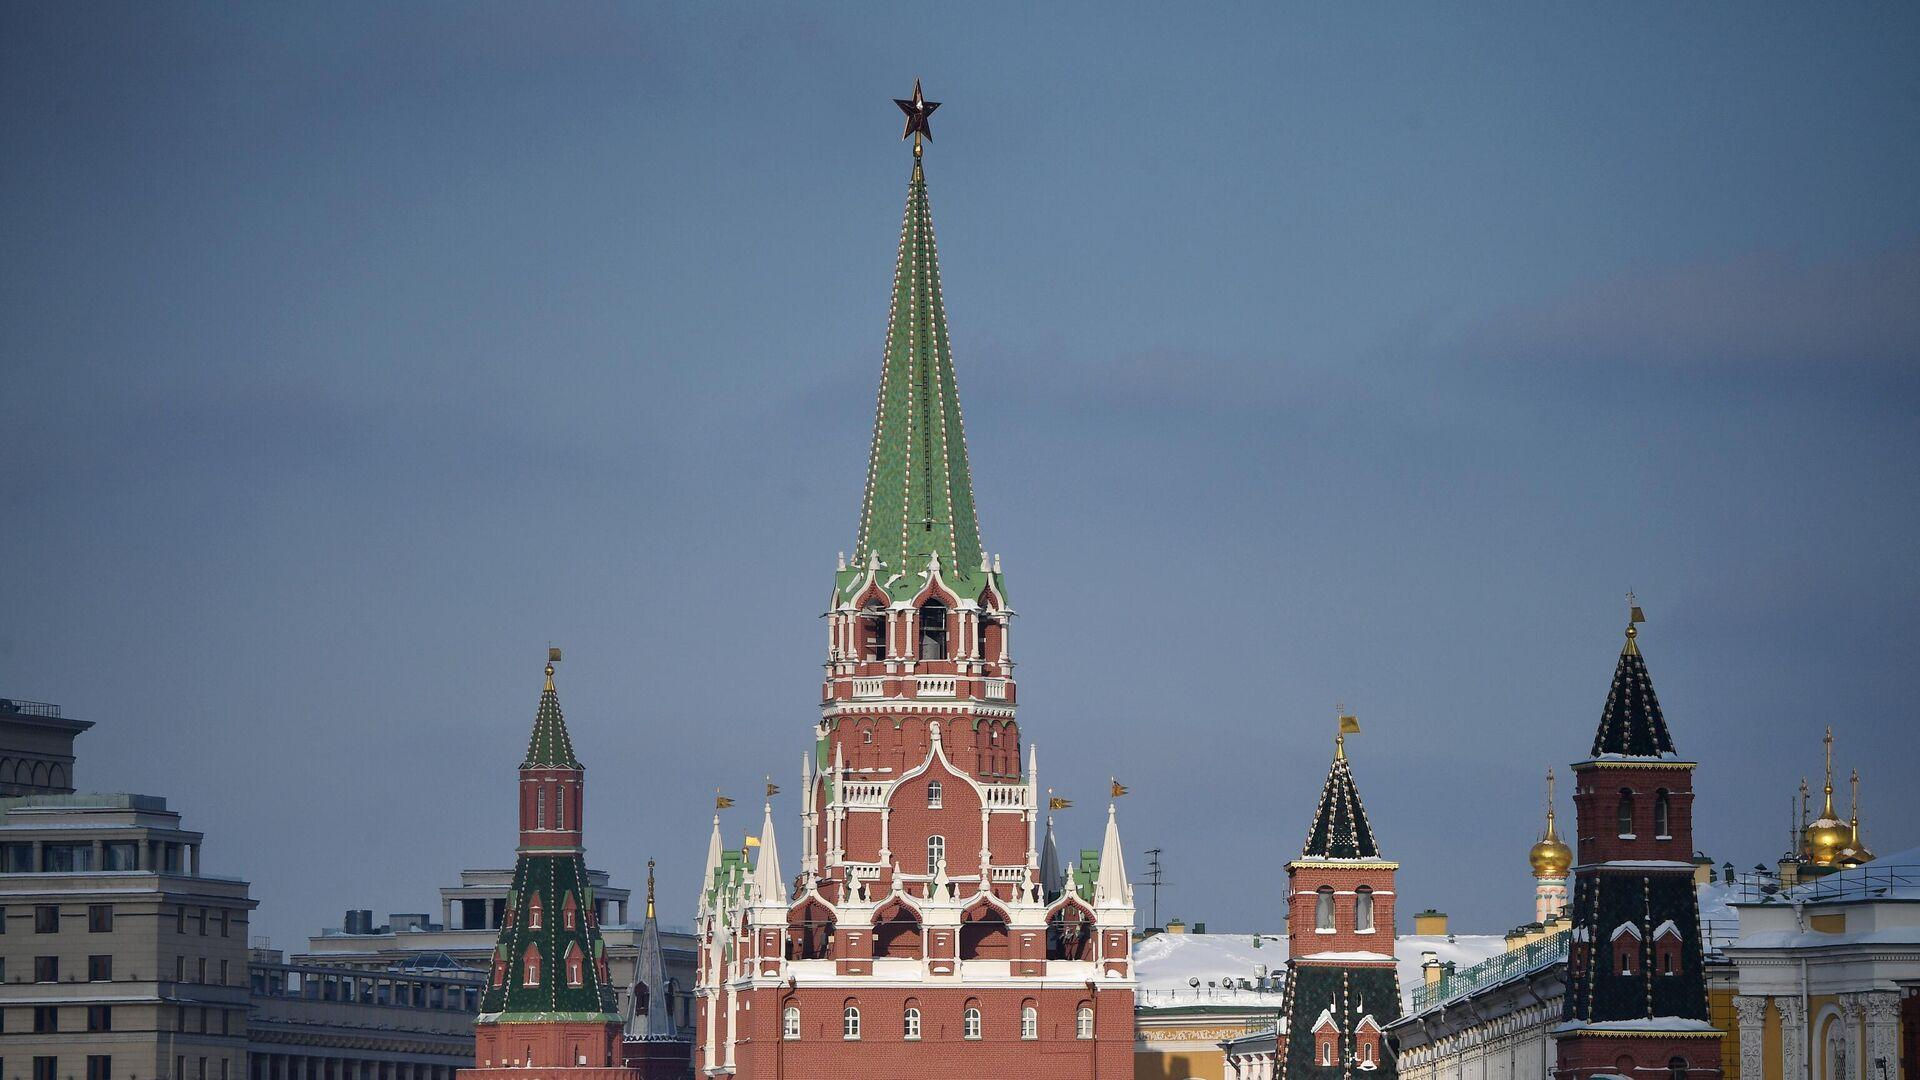 Московский Кремль - РИА Новости, 1920, 20.03.2021